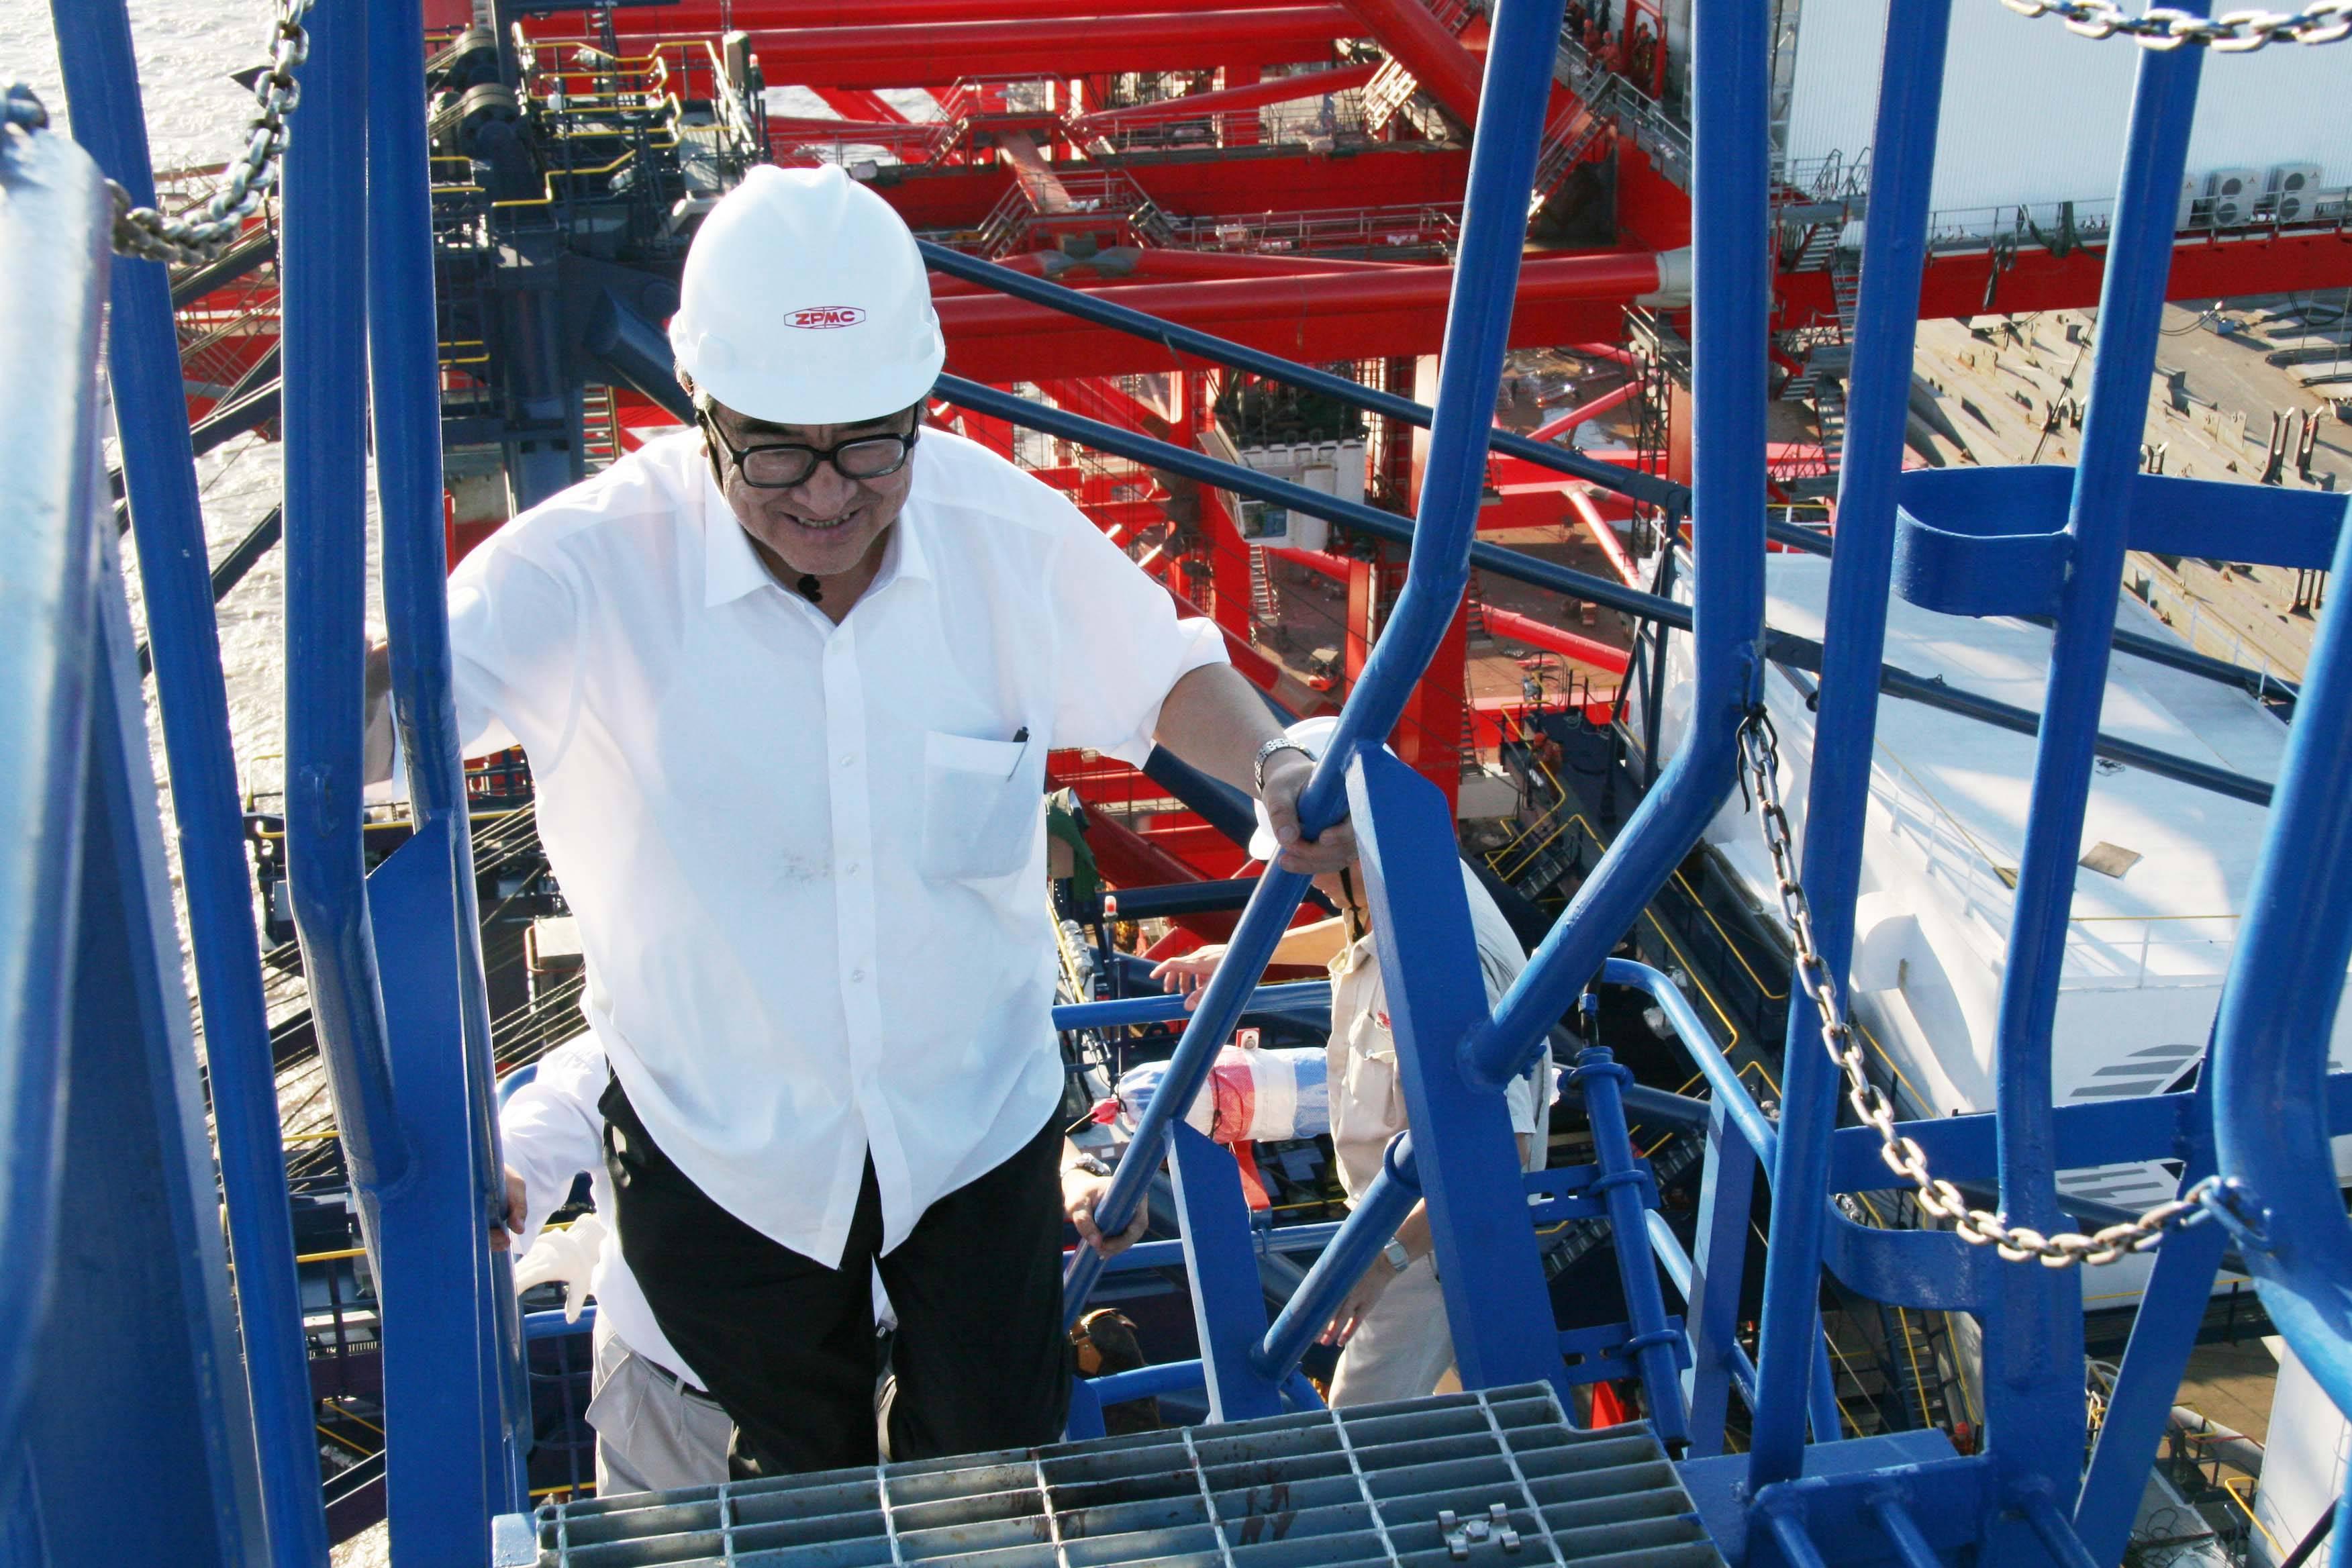 7-03 -2006.7.31-76岁的管彤贤总裁经常深入生产基地,并爬上80多米高的起重机-李学民摄.jpg